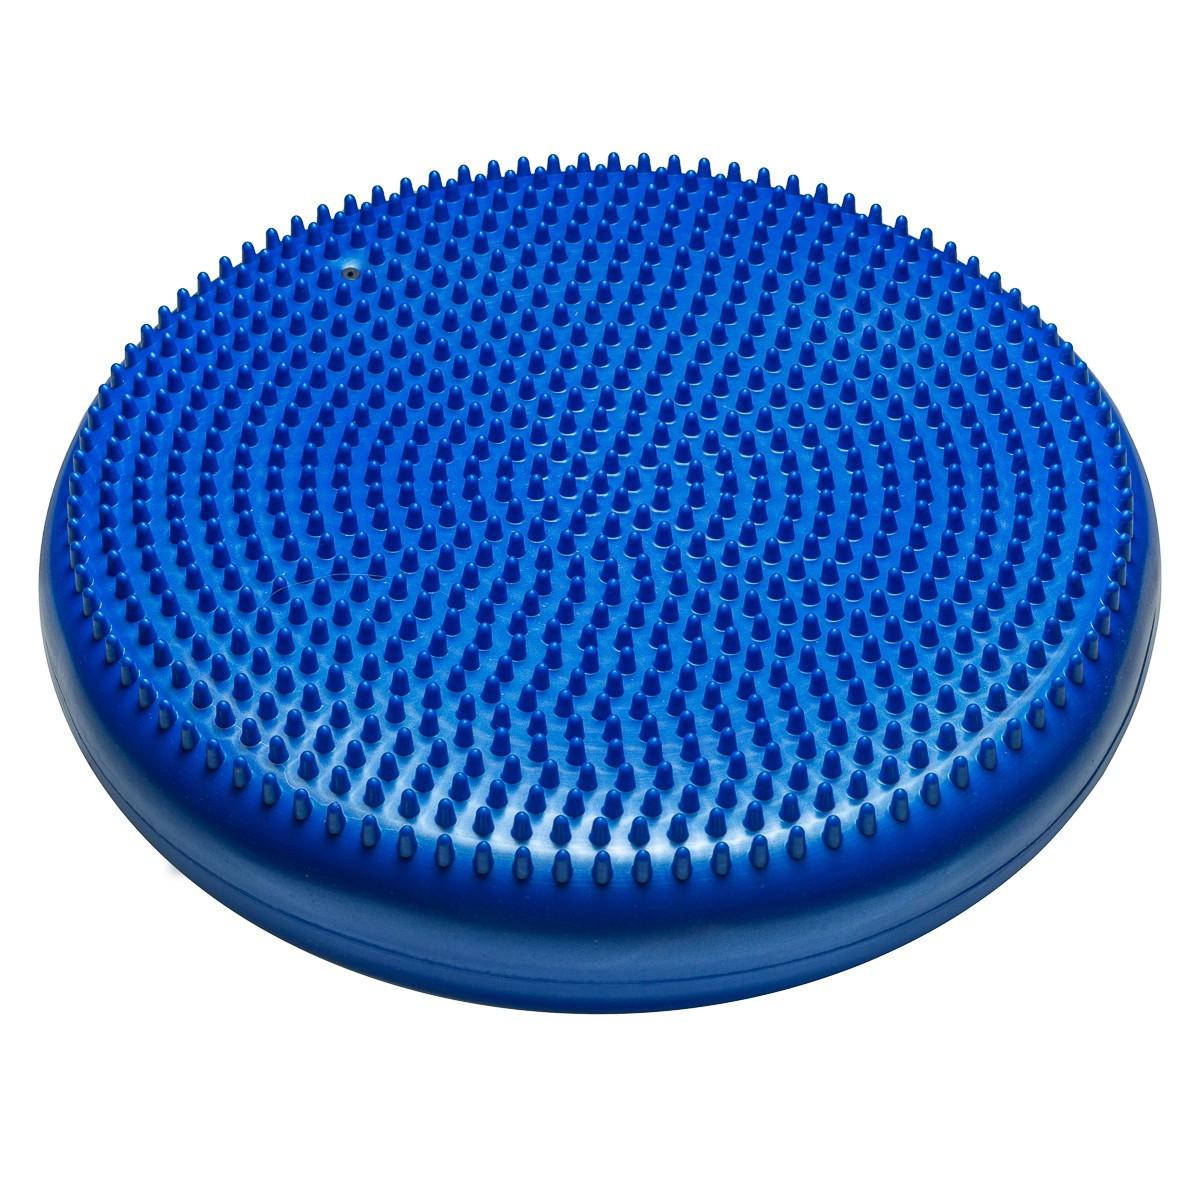 Масажер-подушка балансувальна (висота 5,3 см) ОМ-512, OrtoMed